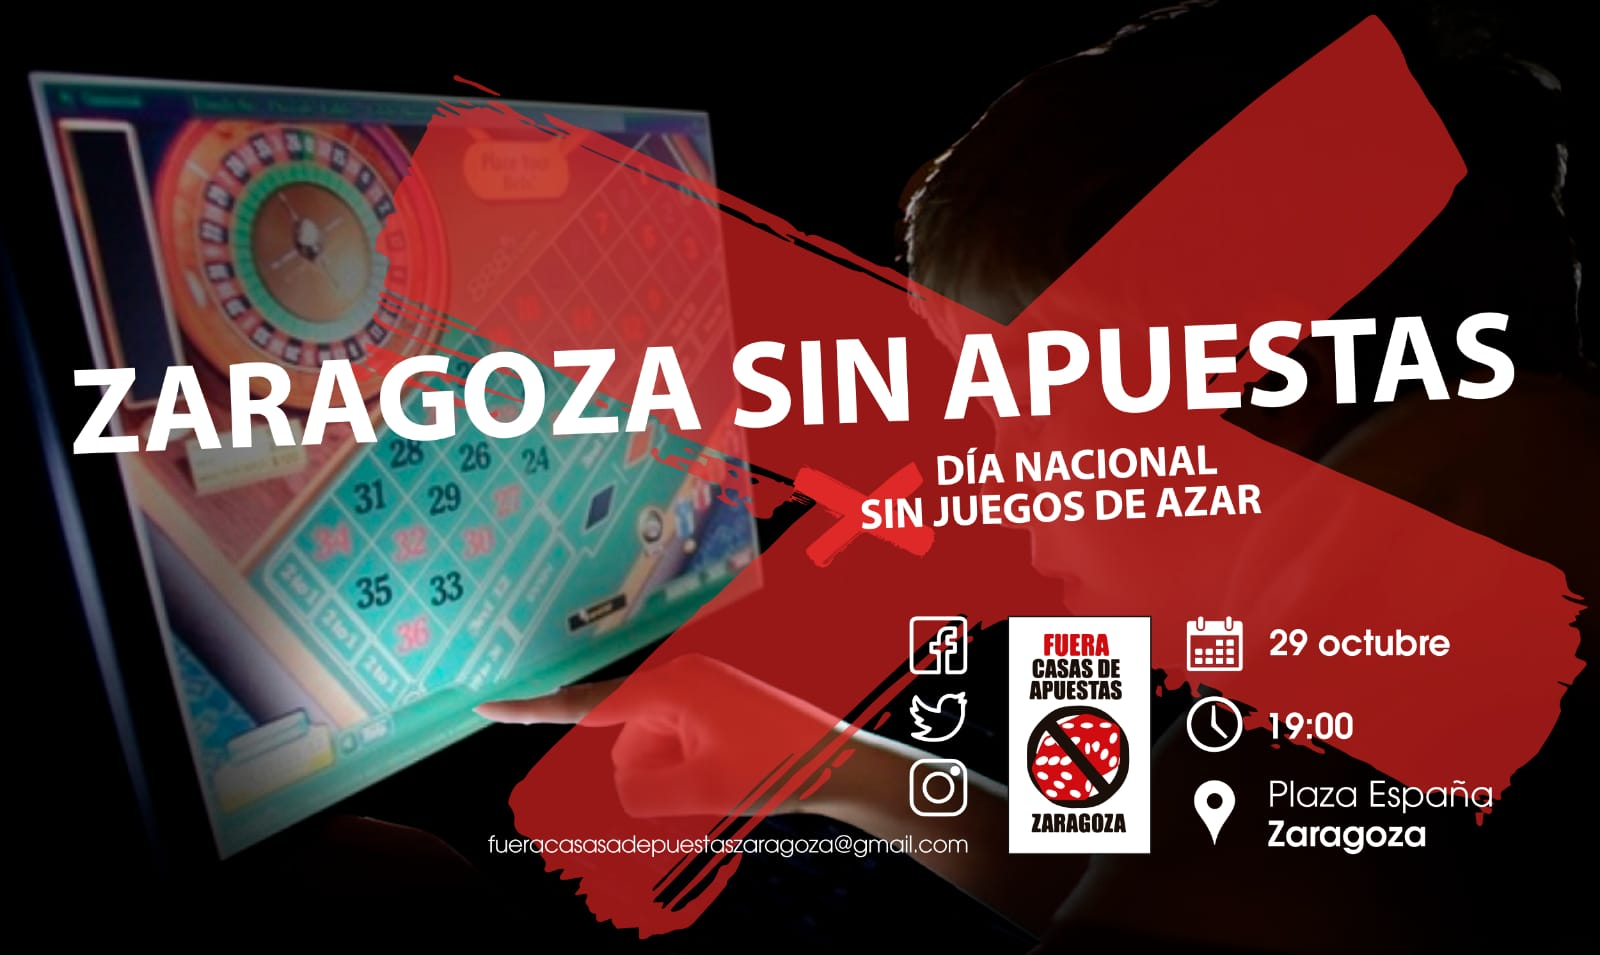 Zaragoza. Concentración contra las casas de apuestas. Martes 29/10, 19:00 h. Plaza de España